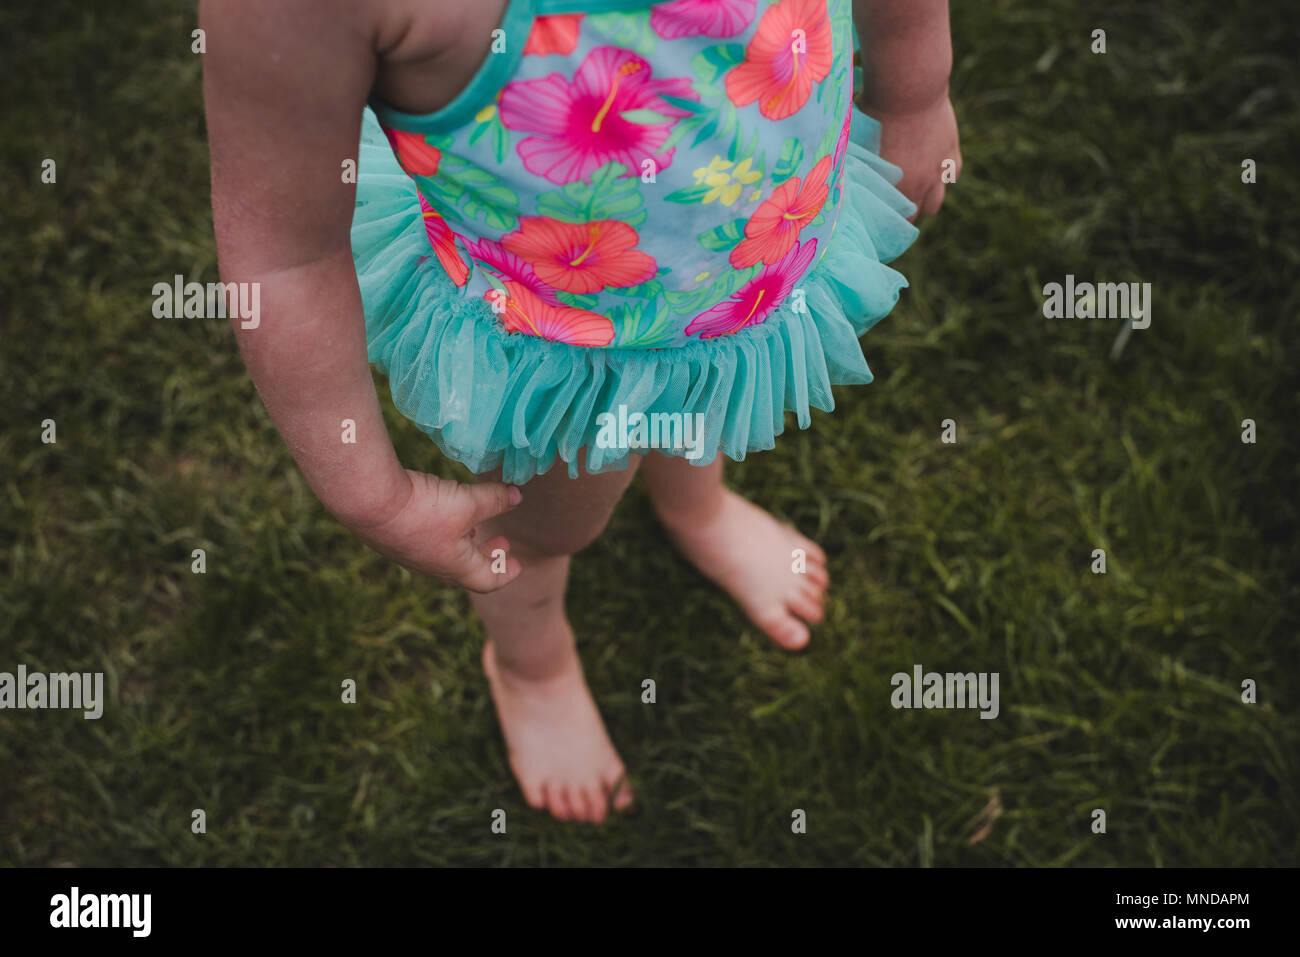 Un niño sin rostro vestida de un traje de baño de color brillante con flores sobre ella. Imagen De Stock